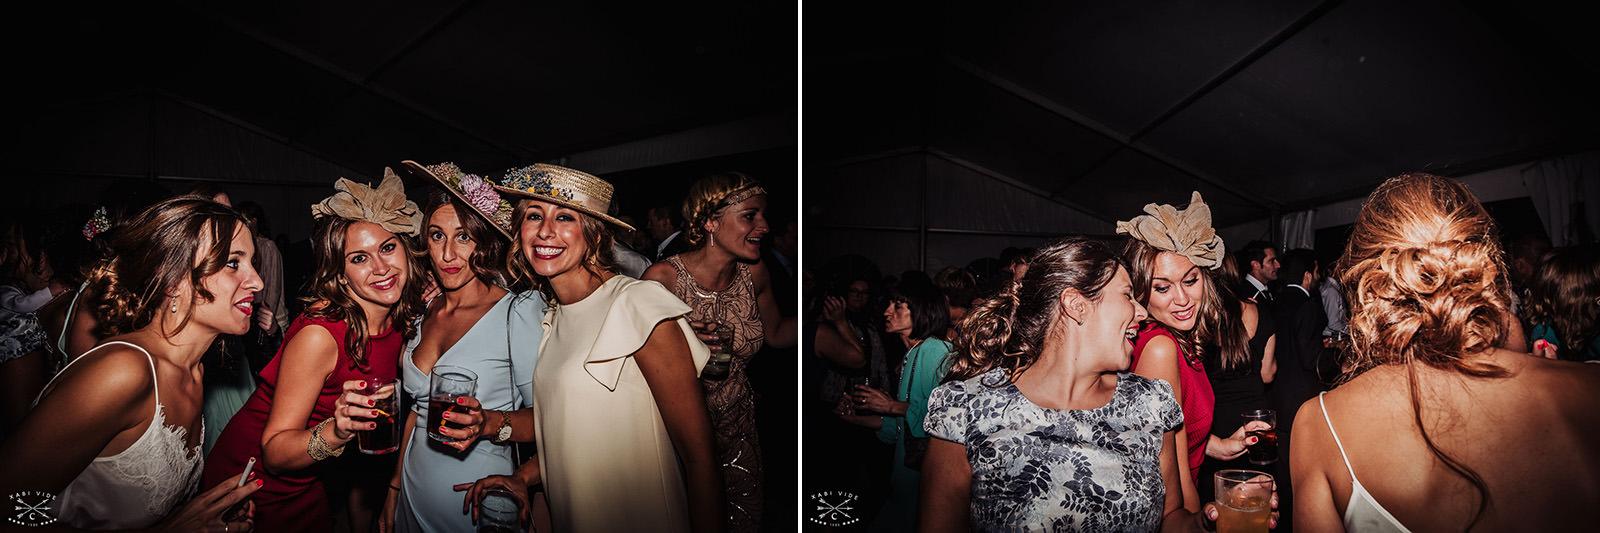 fotógrafo de bodas en calahorra-186